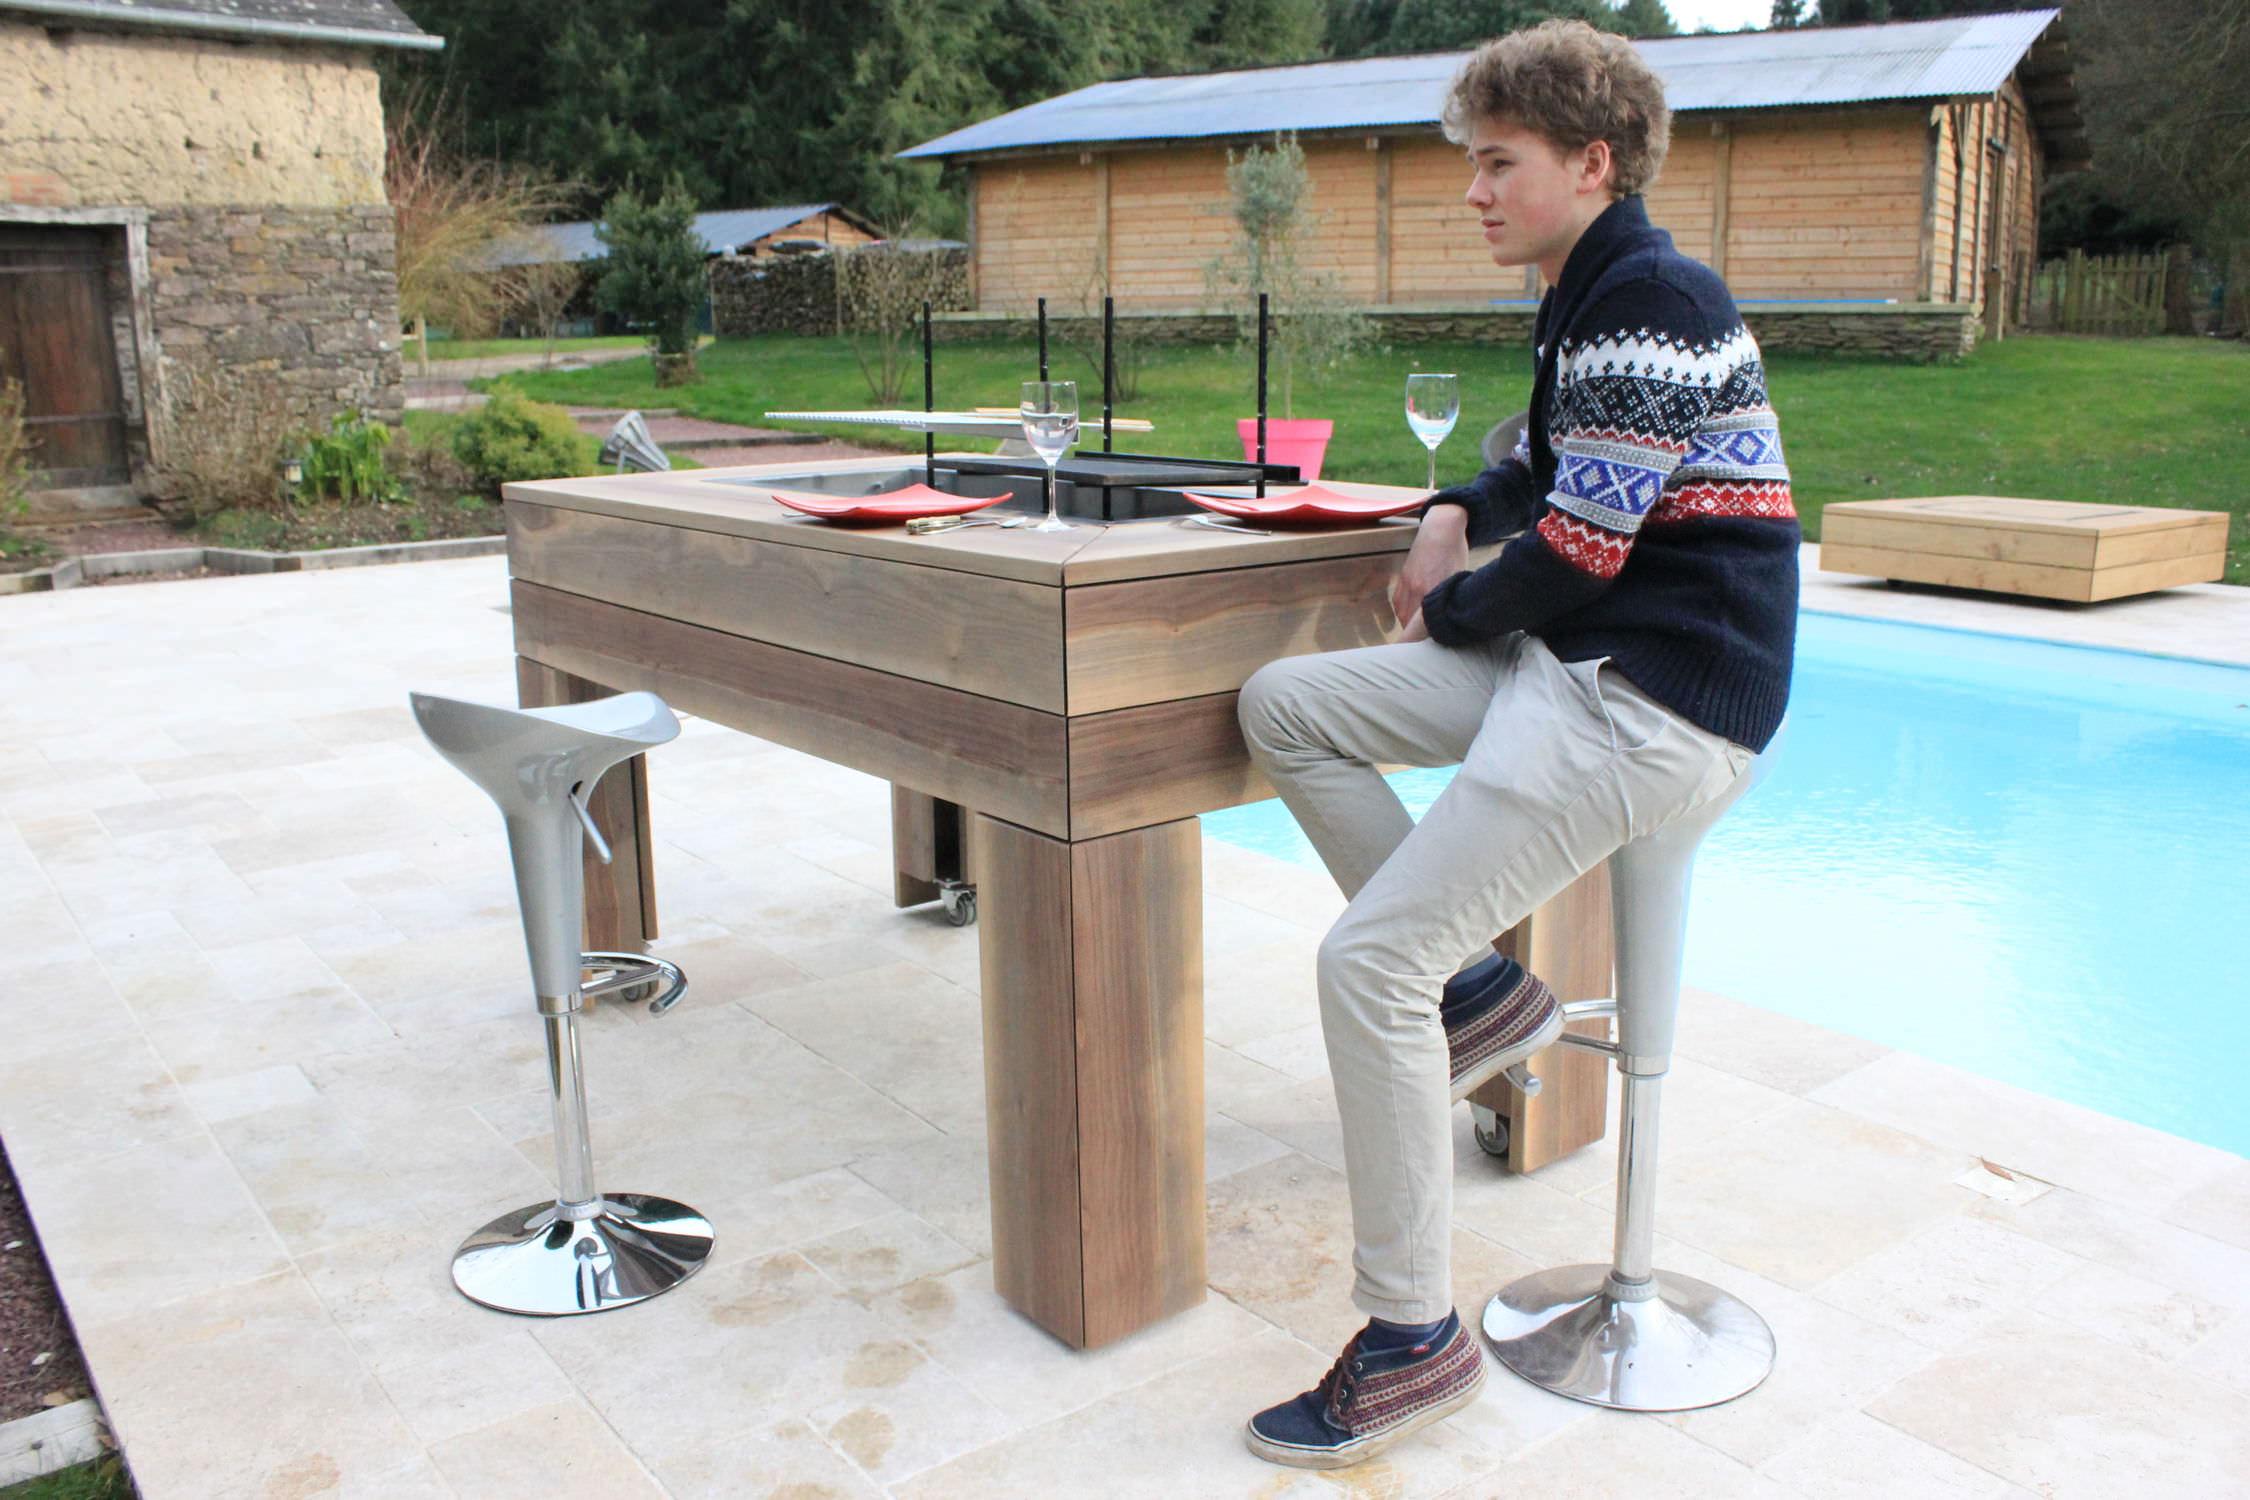 moderner tisch / holz / rechteckig / garten - kub® - kronos/kub, Hause und Garten